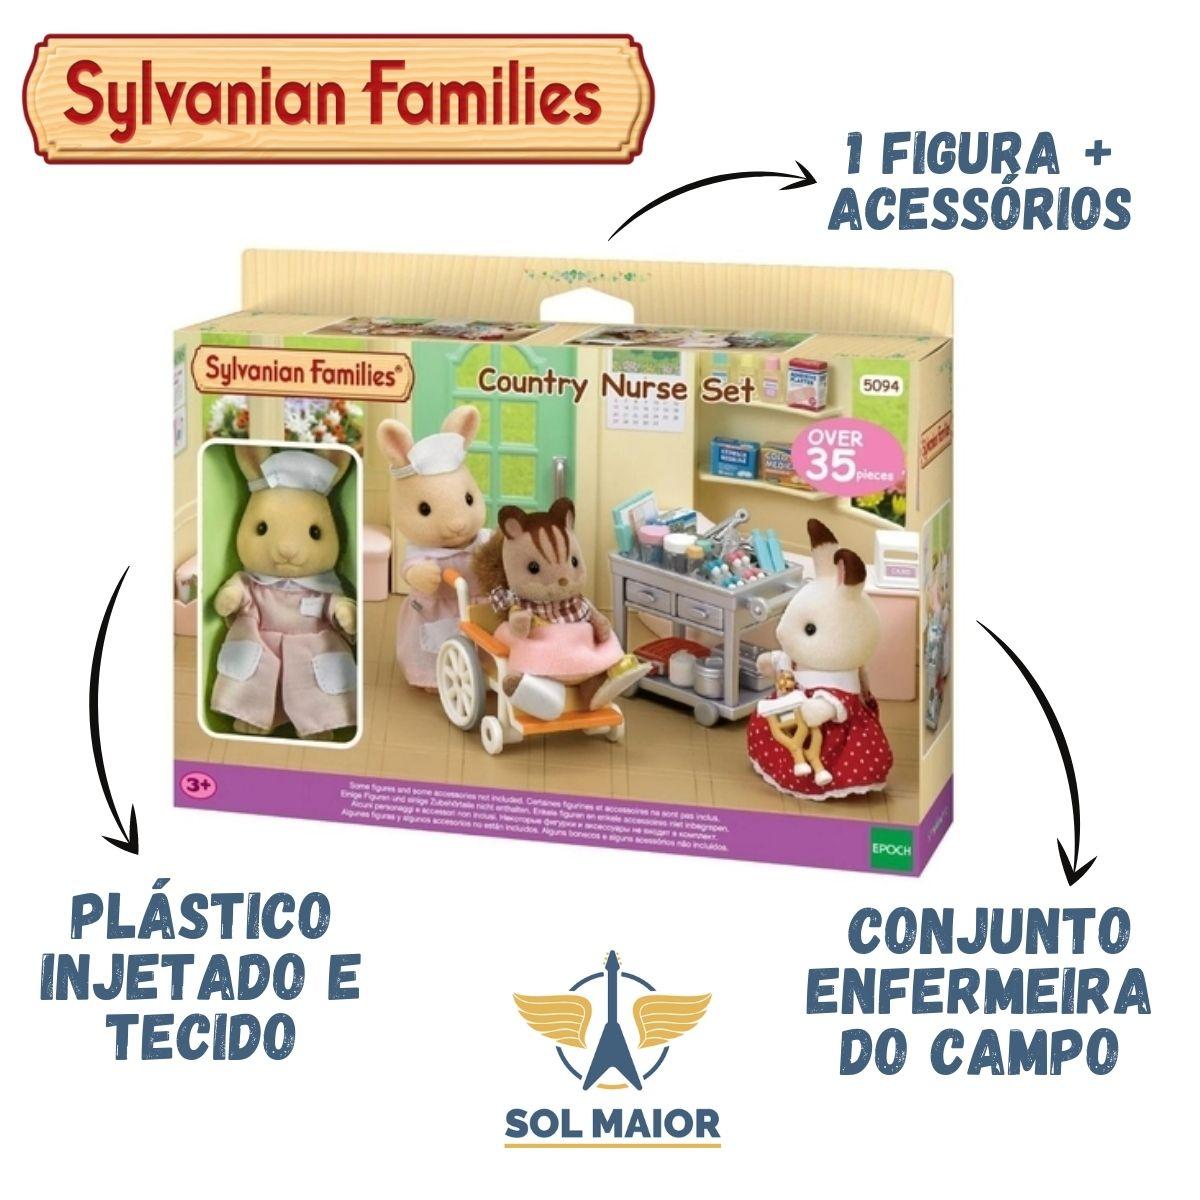 Sylvanian Families Conjunto Enfermeira Do Campo - Epoch 5094